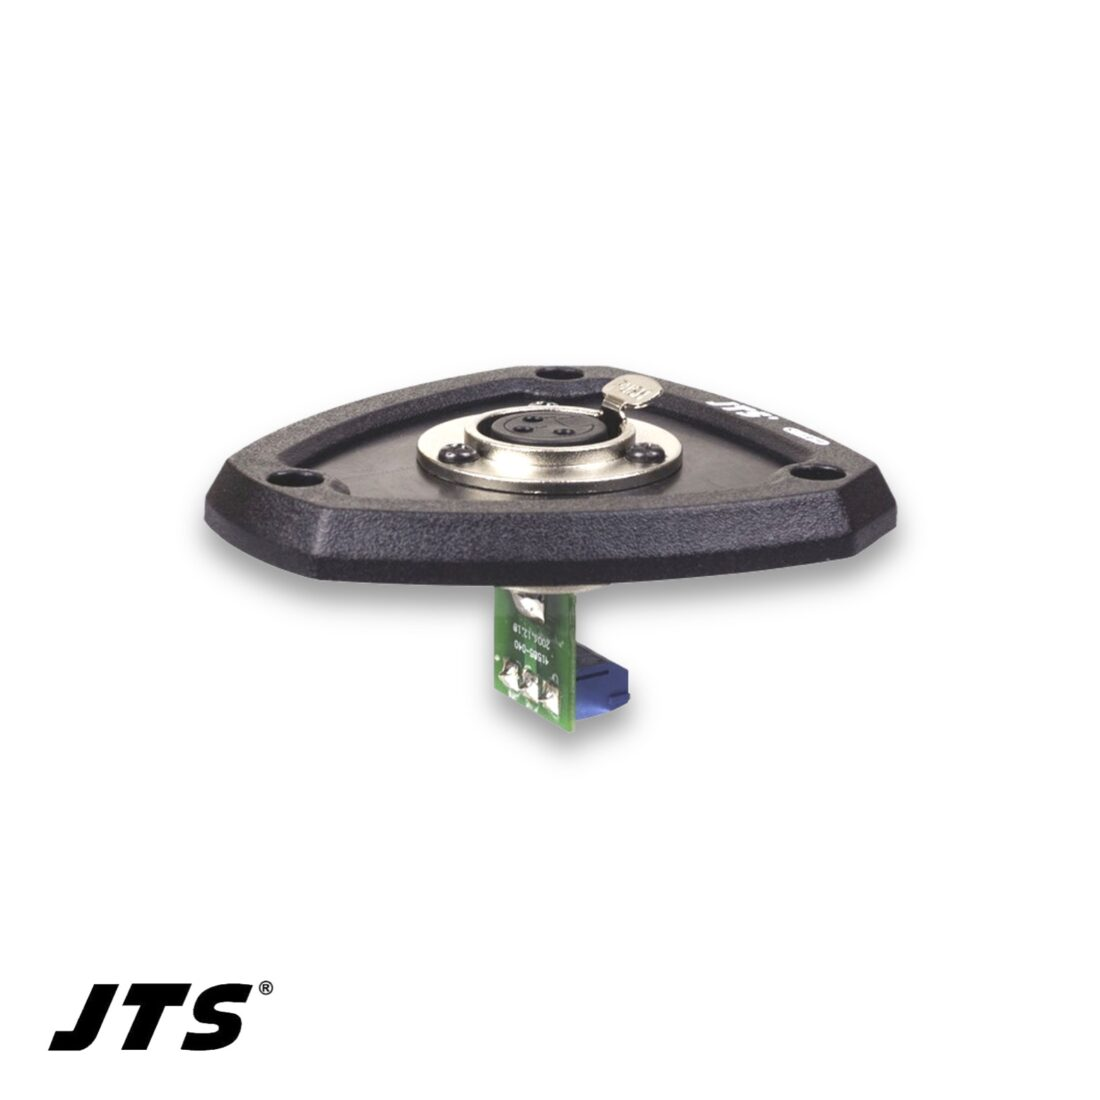 JTS ST-5070